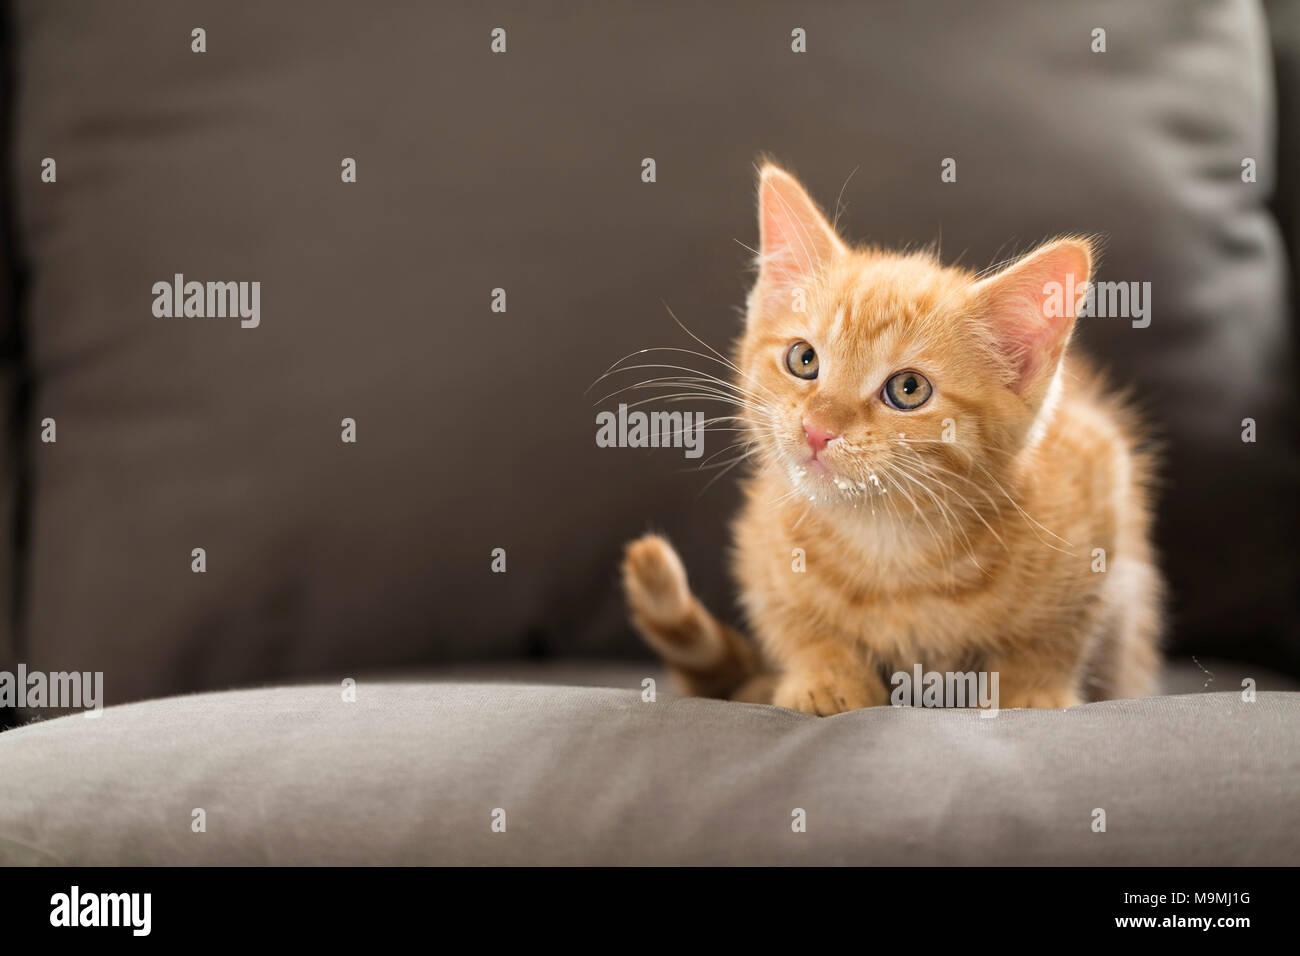 Hauskatze. Red Tabby Kitten mit Sahne um seinen Mund. Deutschland Stockbild